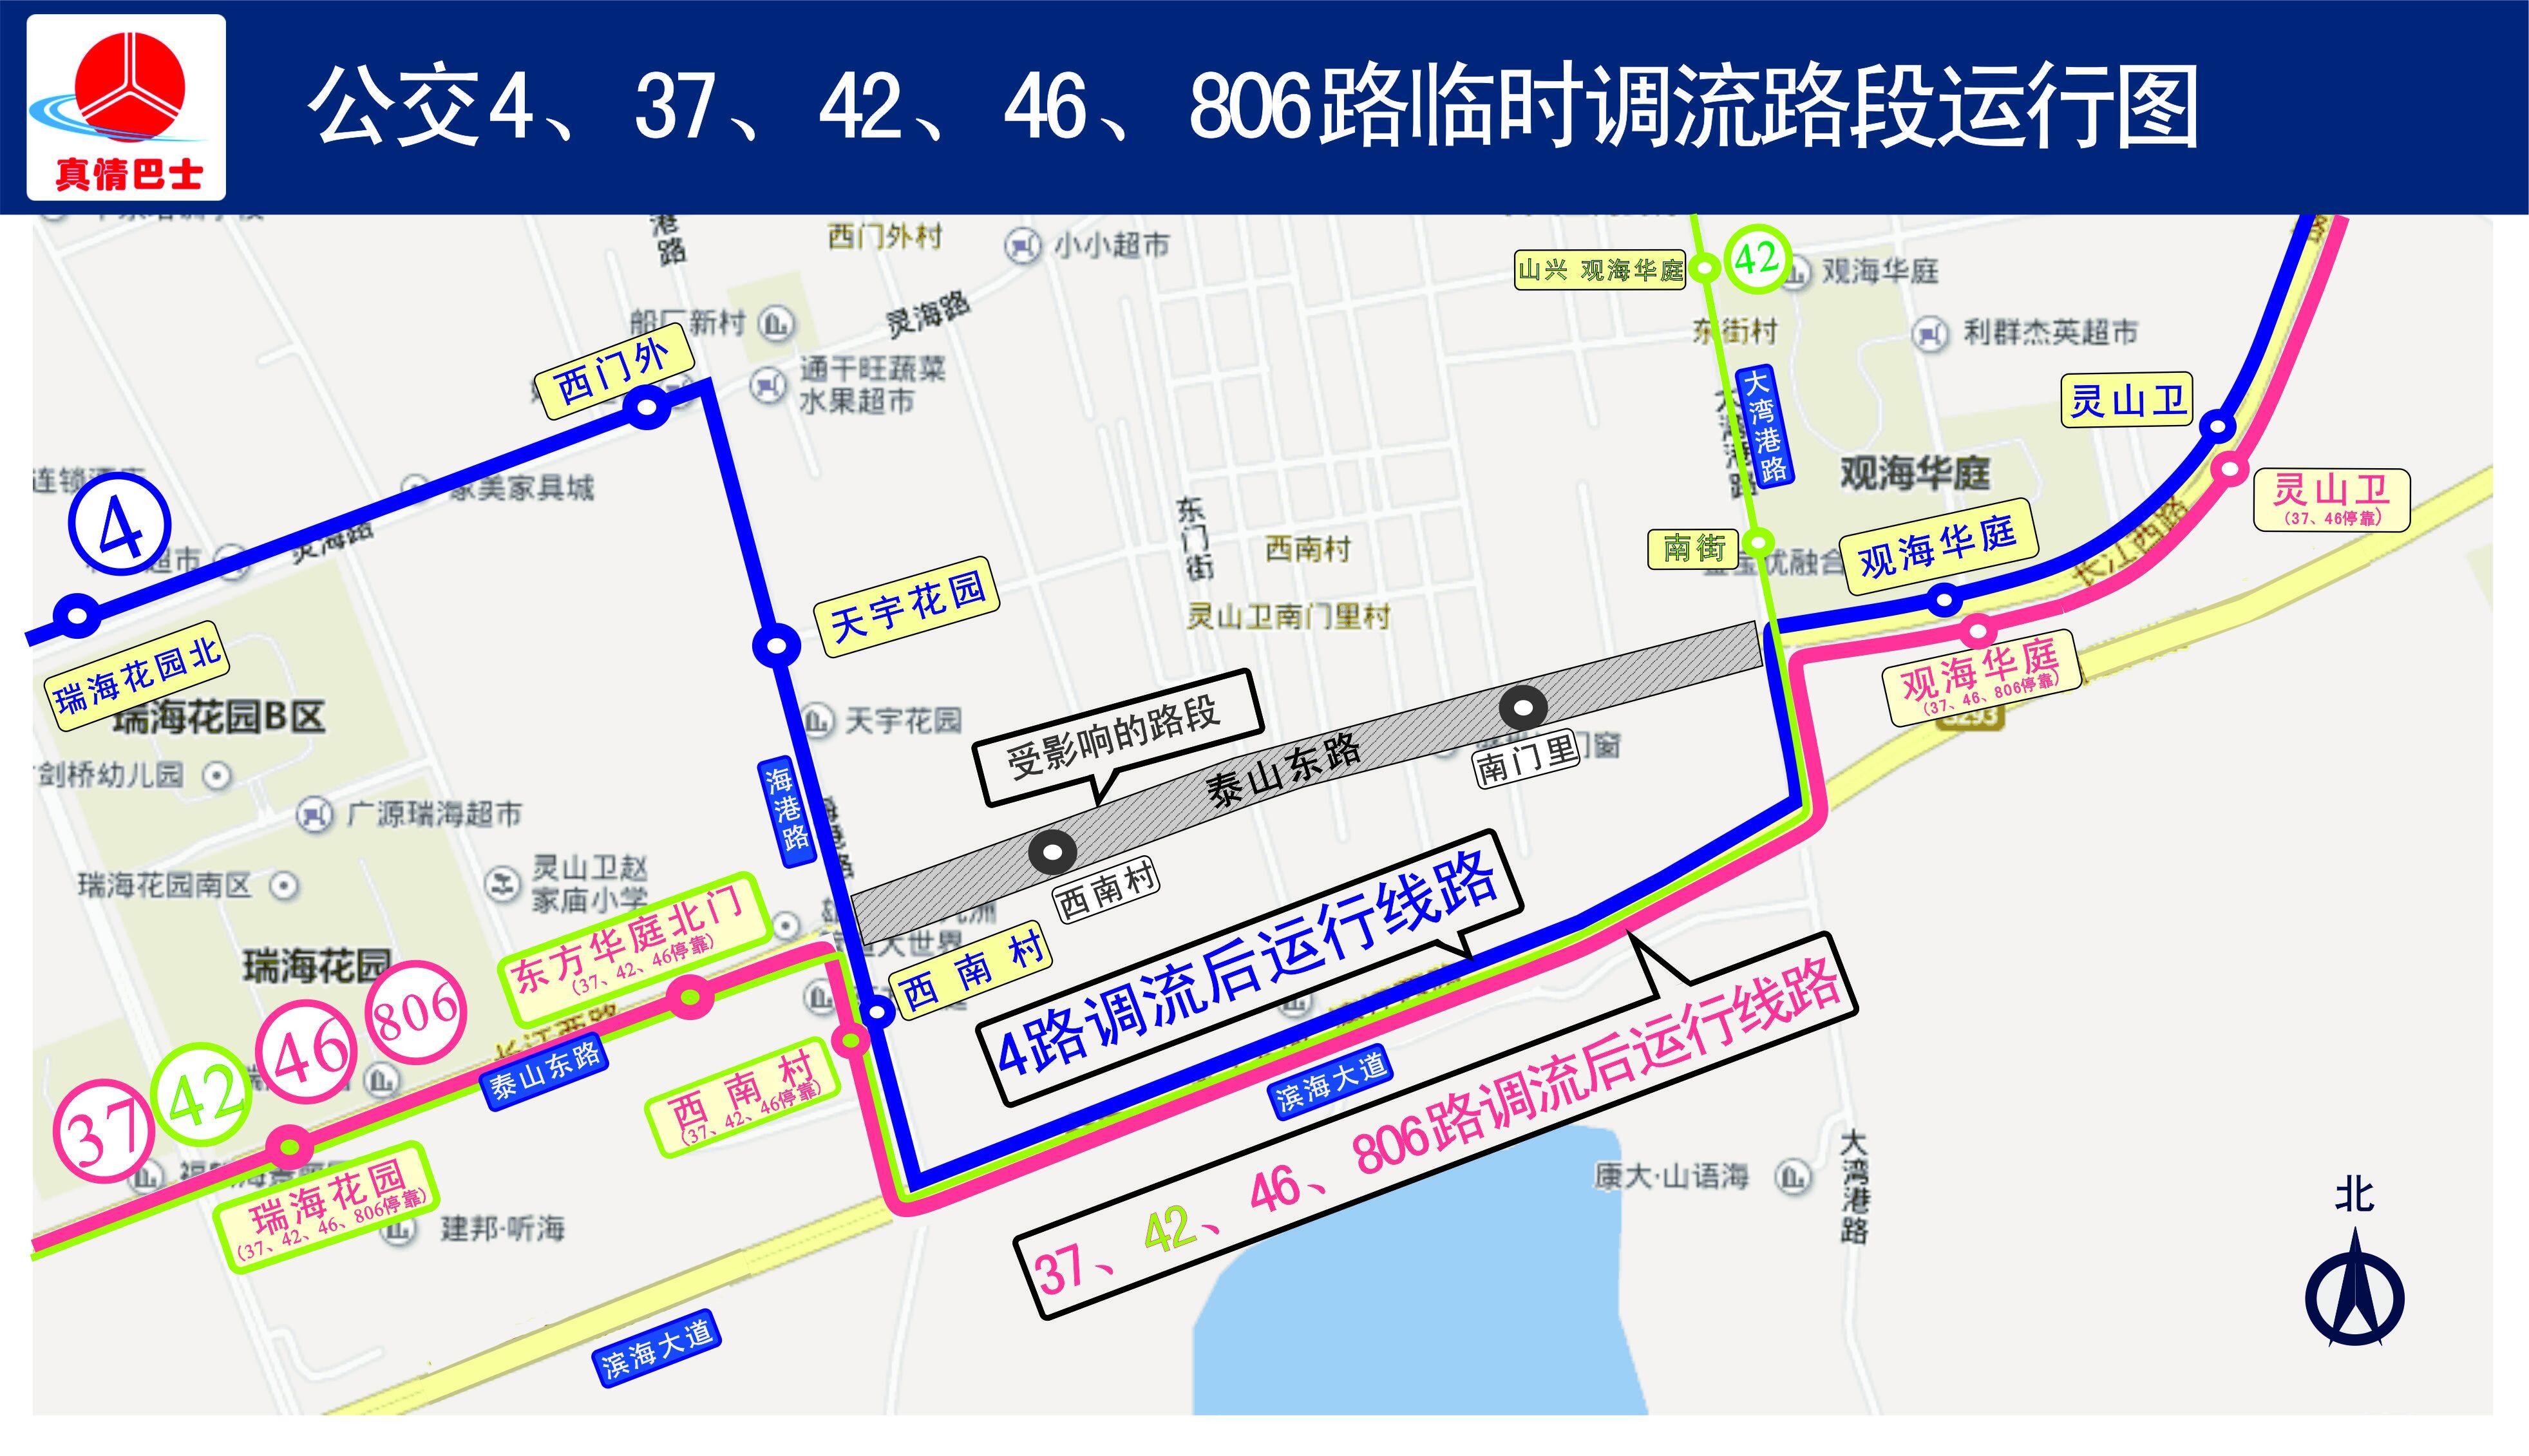 二,公交37路(薛家岛街道办事处—德泰利群购物中心),42路(大湾社区—